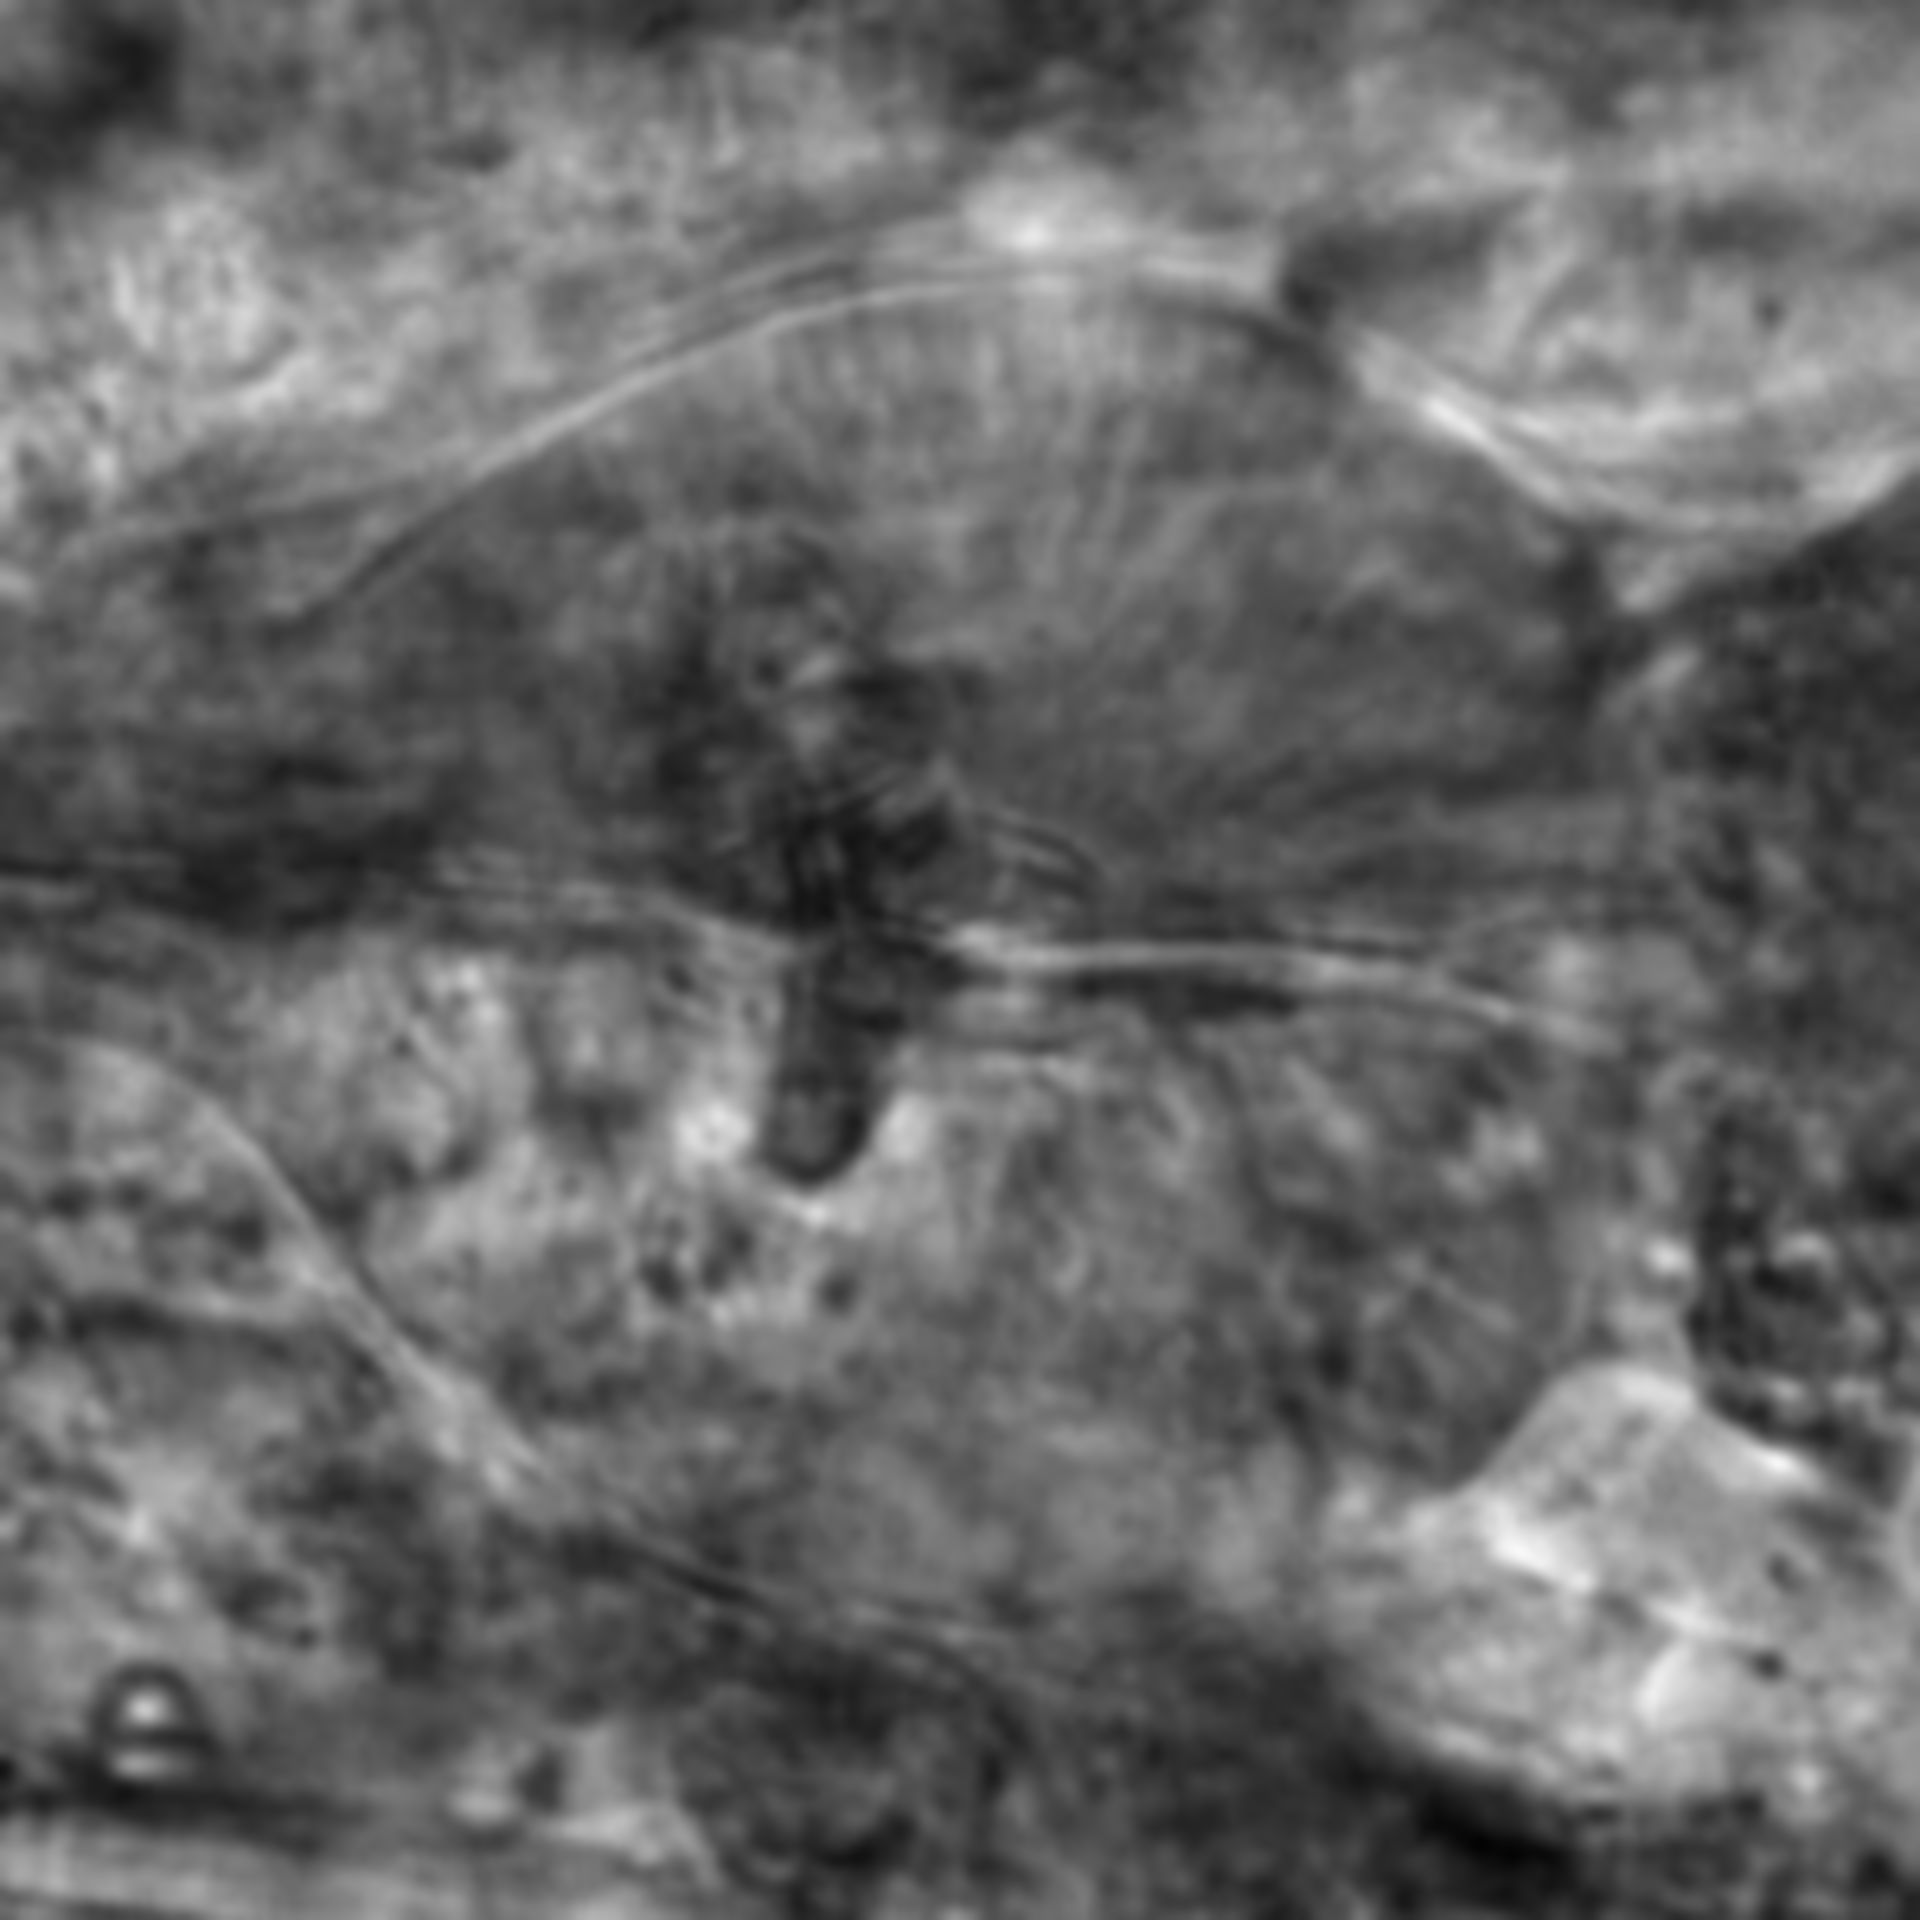 Caenorhabditis elegans - CIL:2246